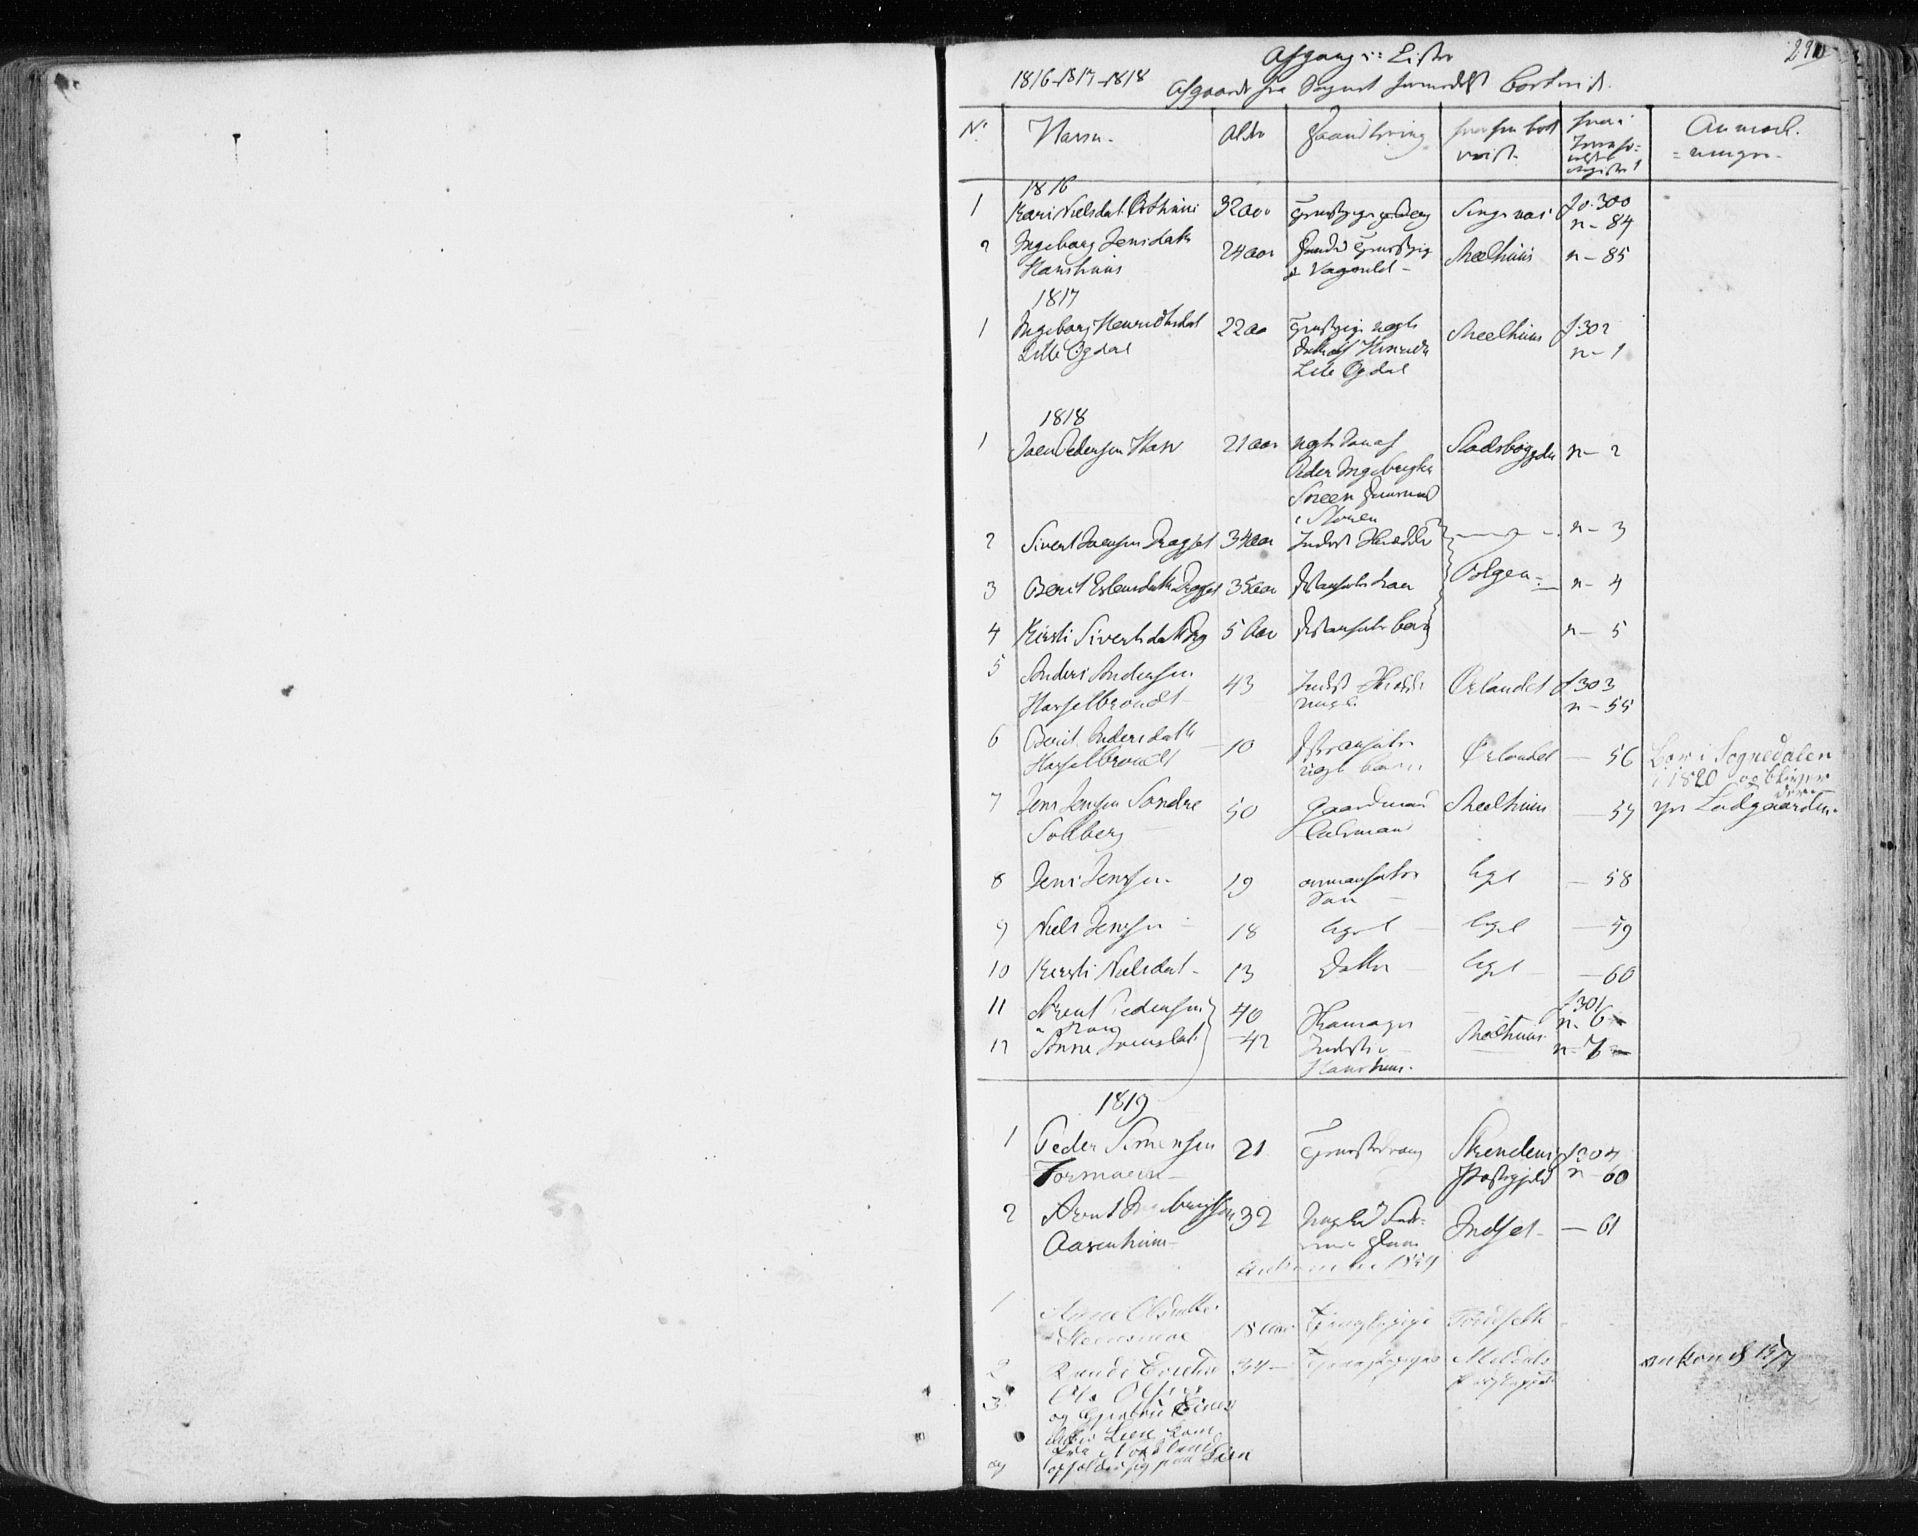 SAT, Ministerialprotokoller, klokkerbøker og fødselsregistre - Sør-Trøndelag, 689/L1043: Klokkerbok nr. 689C02, 1816-1892, s. 291